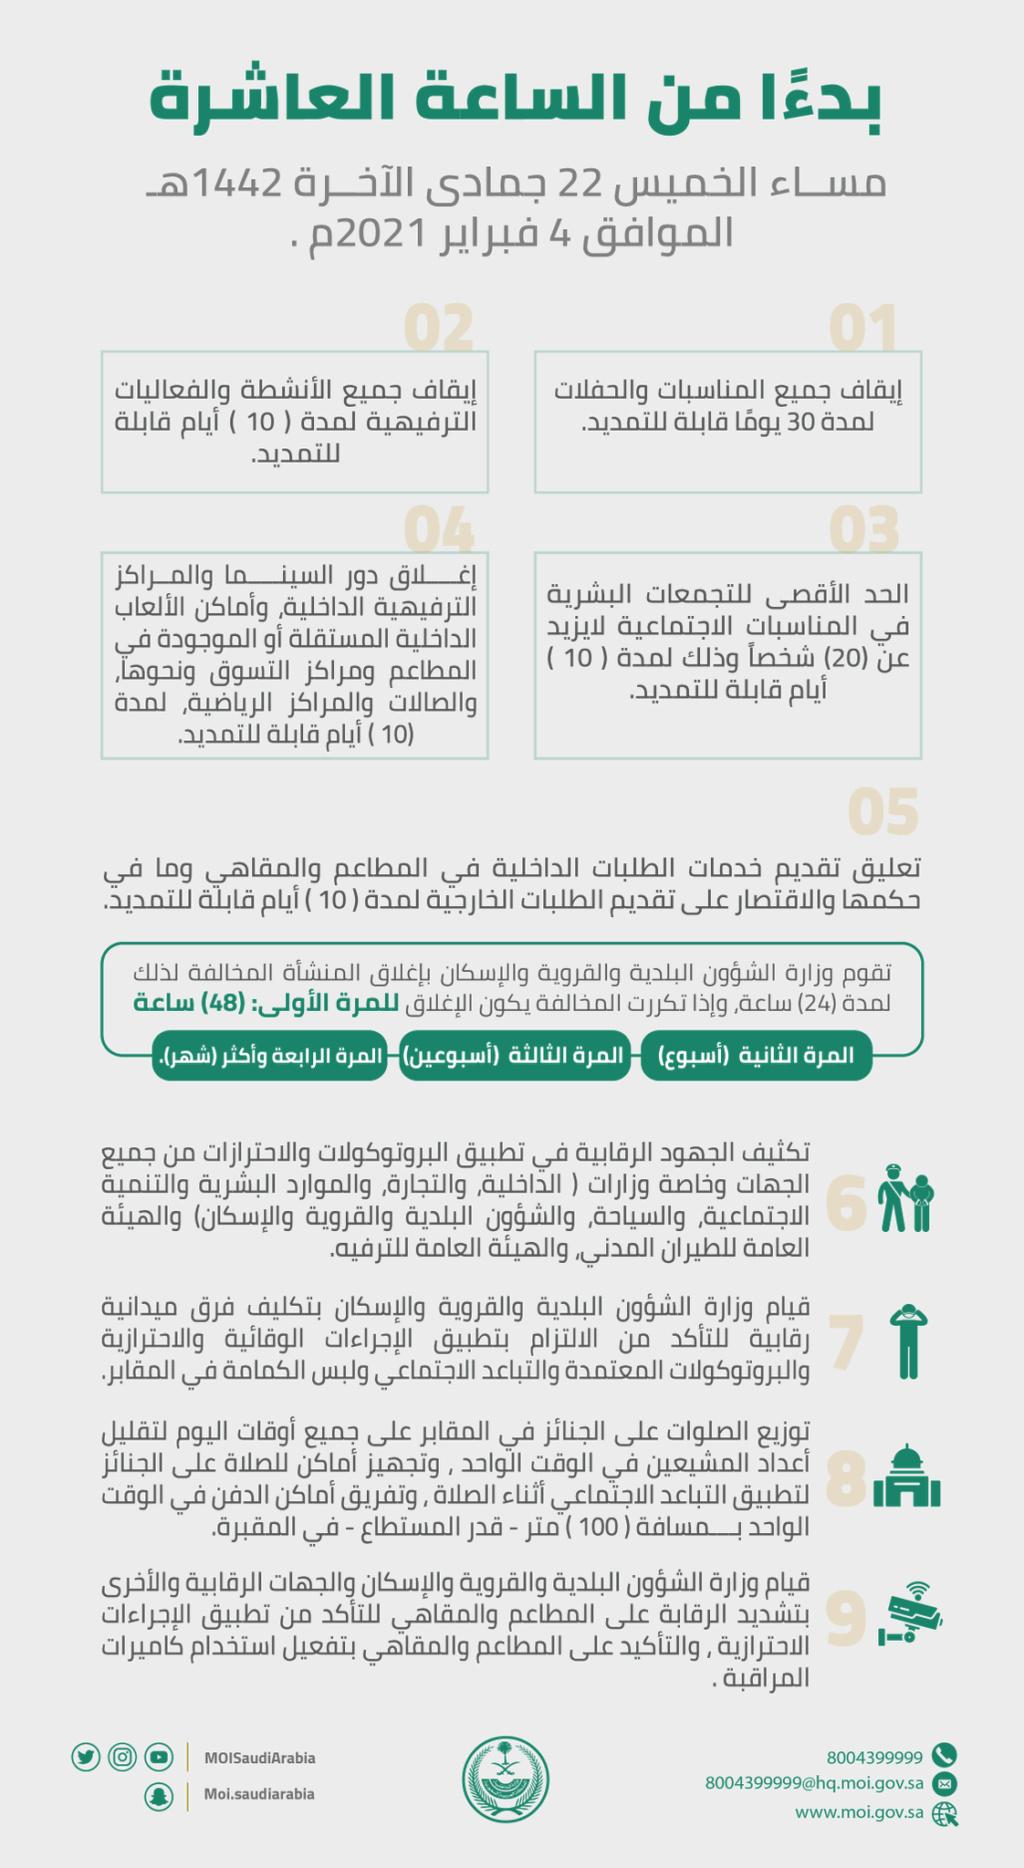 تطبيق عددًا من الإجراءات الوقائية والاحترازية A69e4b10